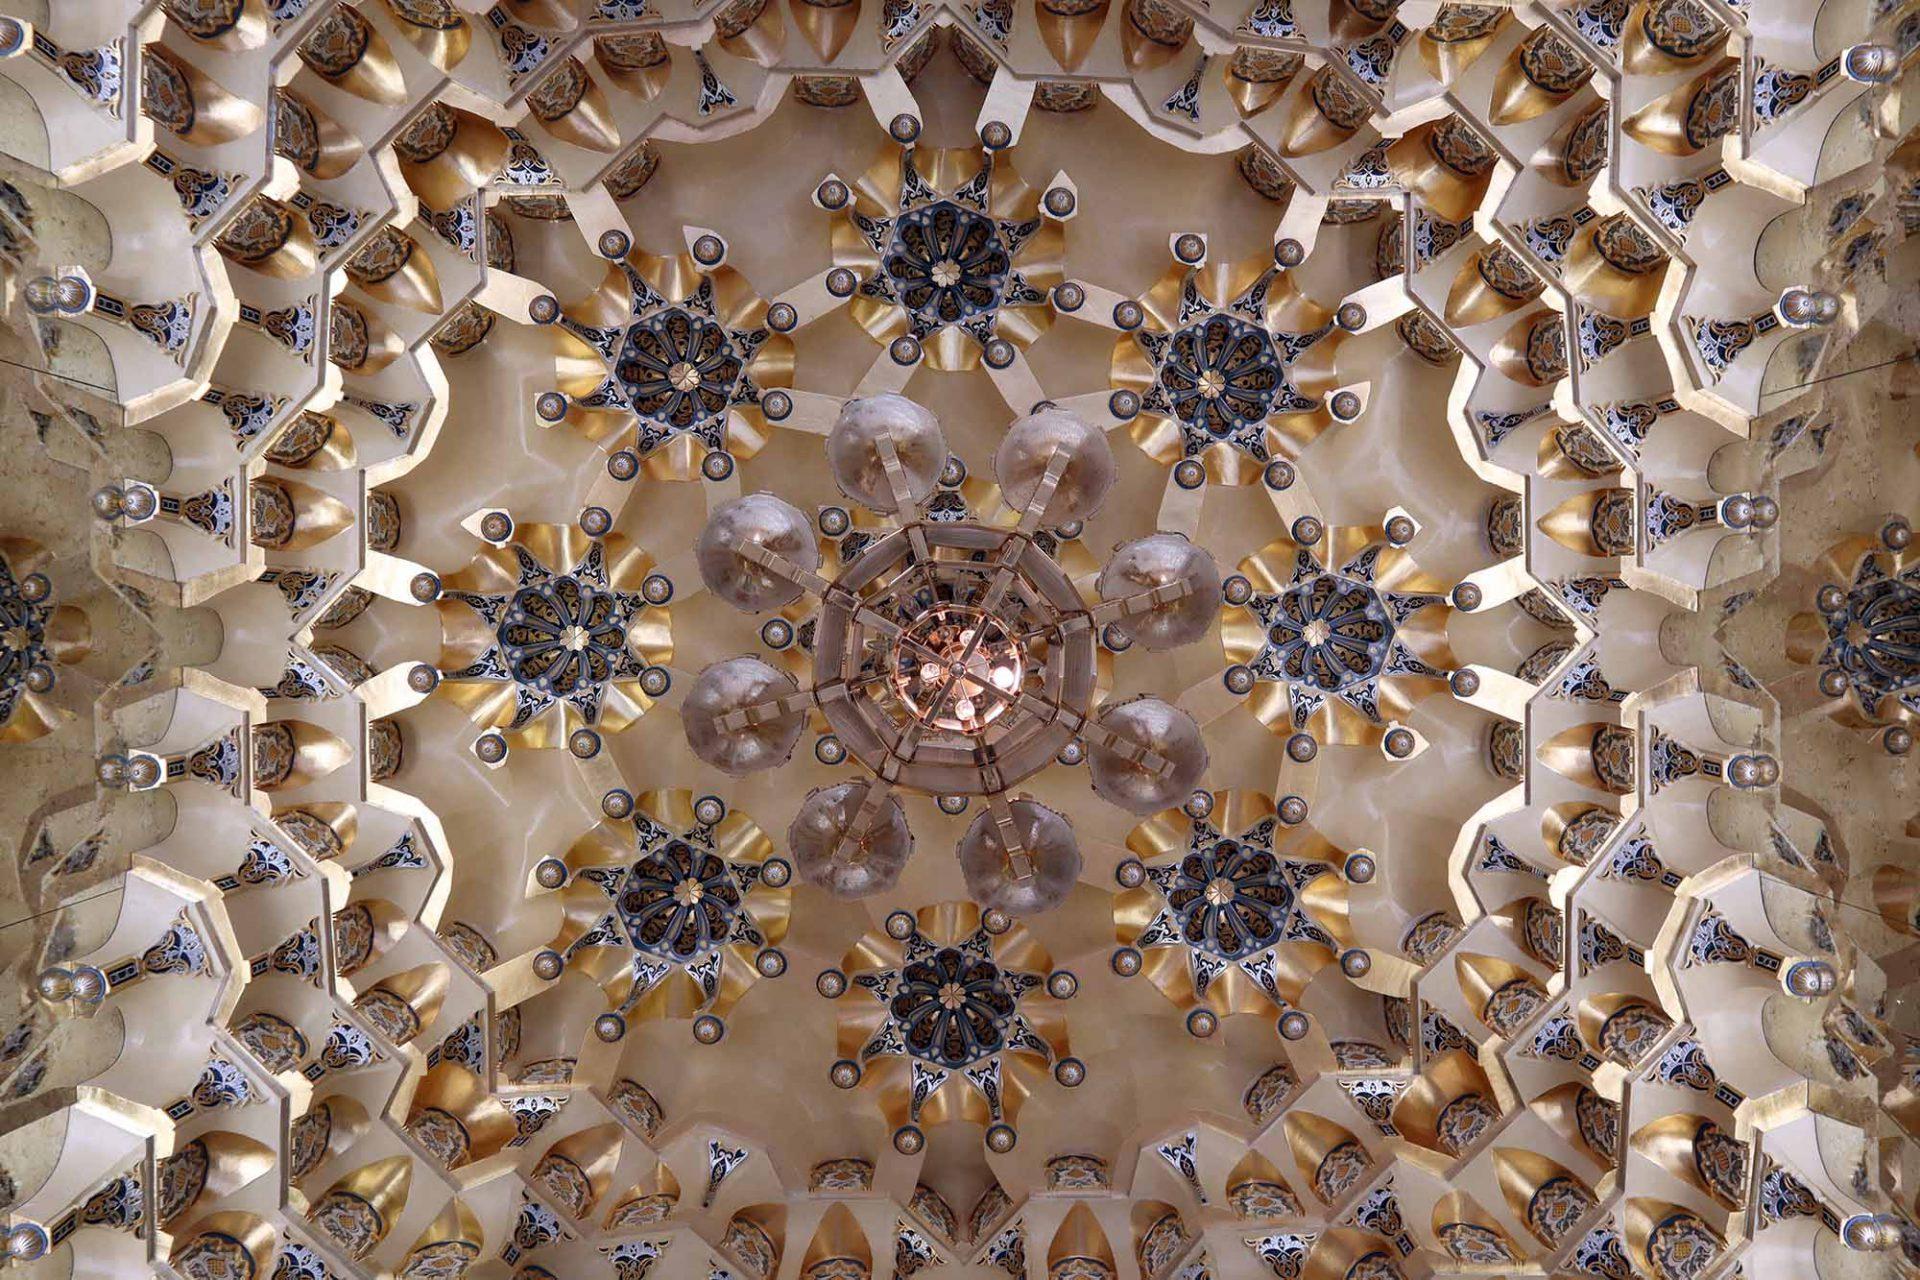 Qasr Al Watan. ... beherbergen Mini-Ausstellungen über die Kunst, das Handwerk und die Architektur des Palastes. Ein gutes Wechselspiel aus der Gravität des Baus und moderner Kunstform.